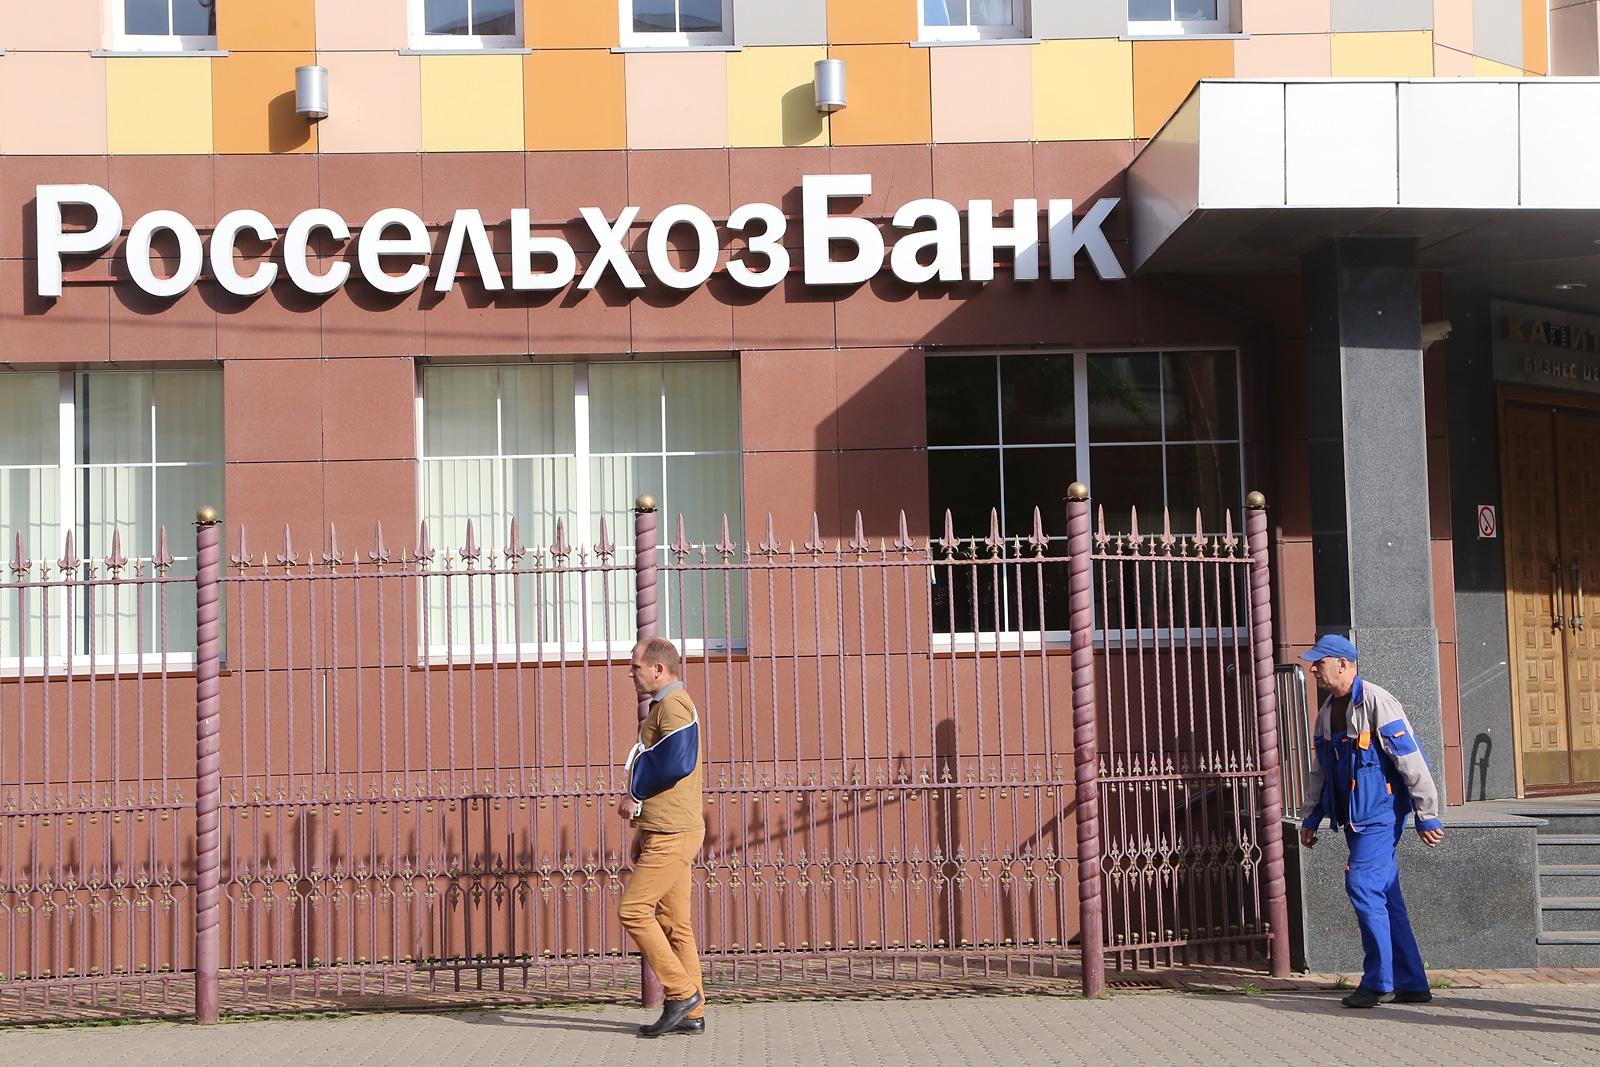 Ипотека в Россельхозбанке: кредитные программы, условия и требования к заемщикам